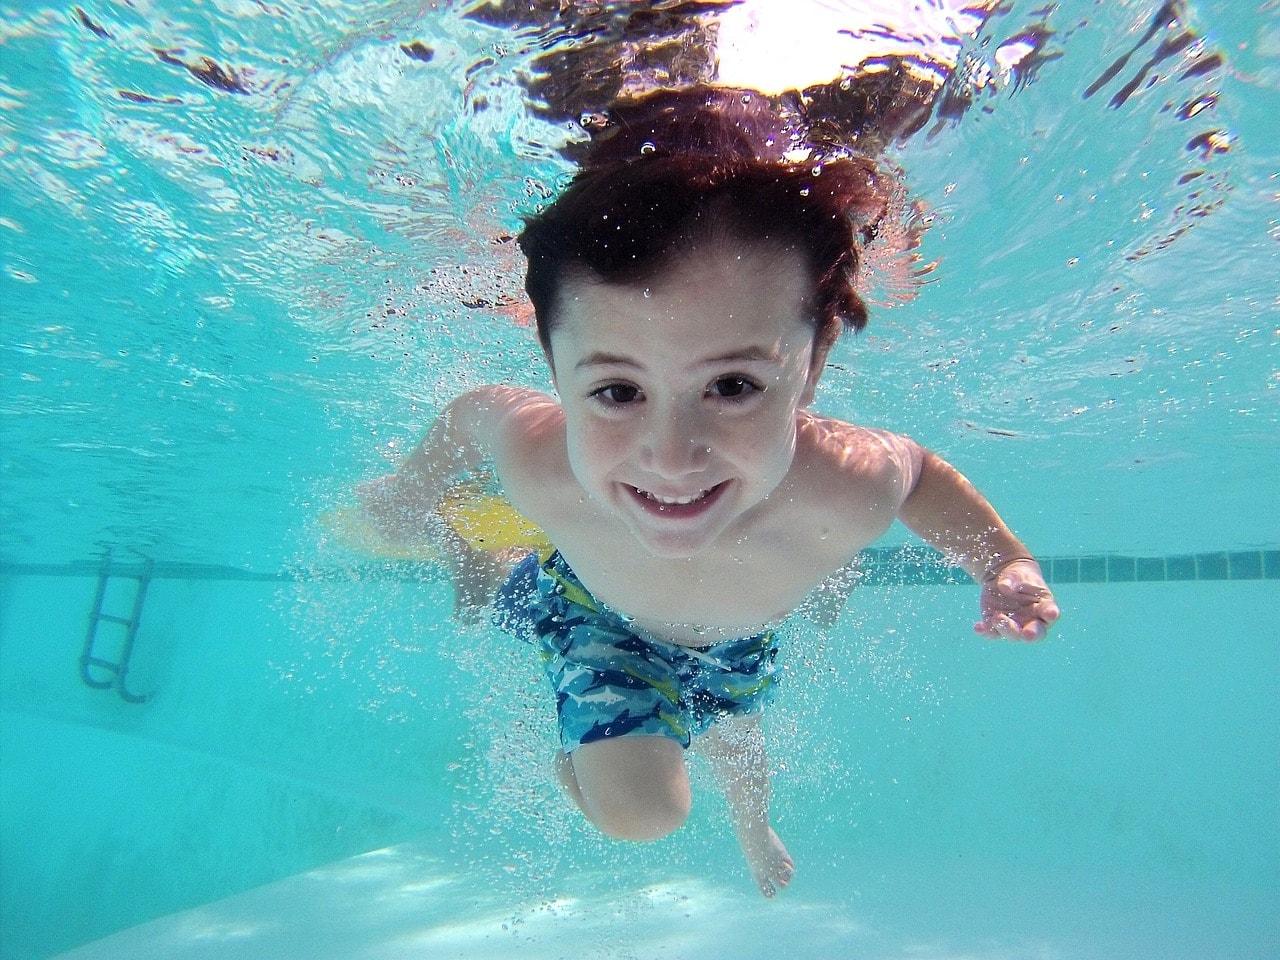 W jakim wieku dziecko może iść samo na basen?